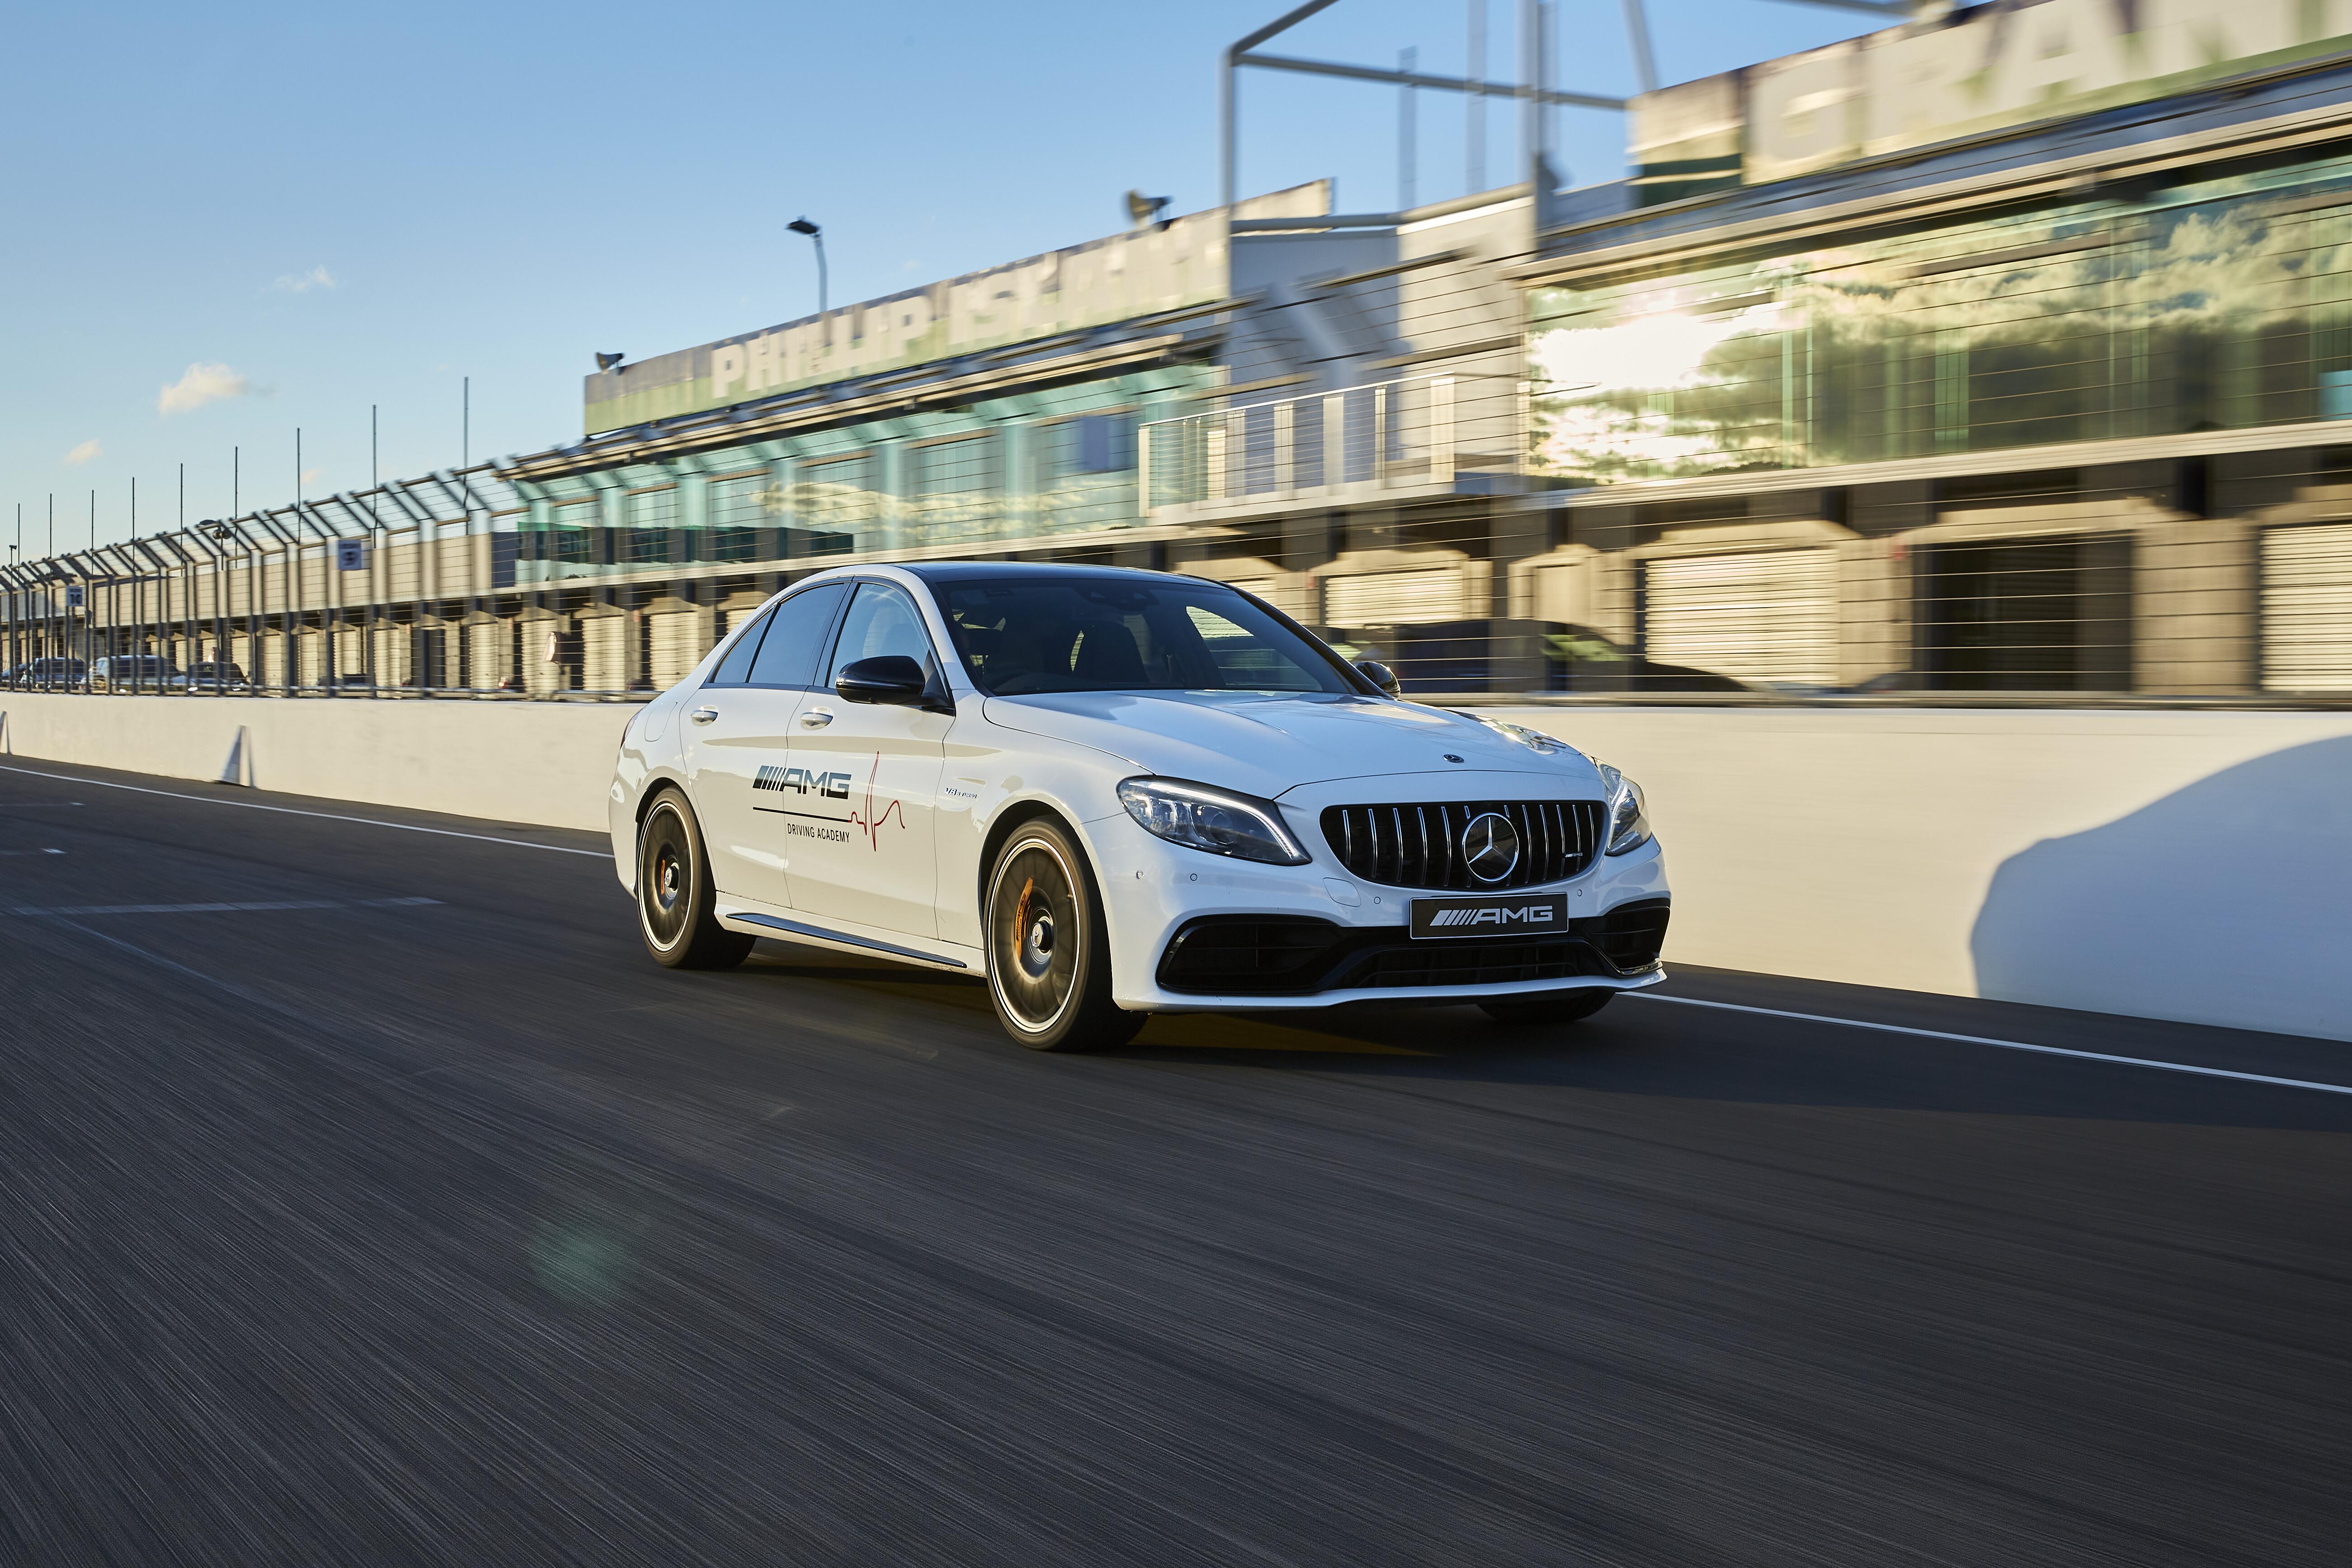 Motor Features Mercedes AMG C 63 S Sedan Phillip Island 1